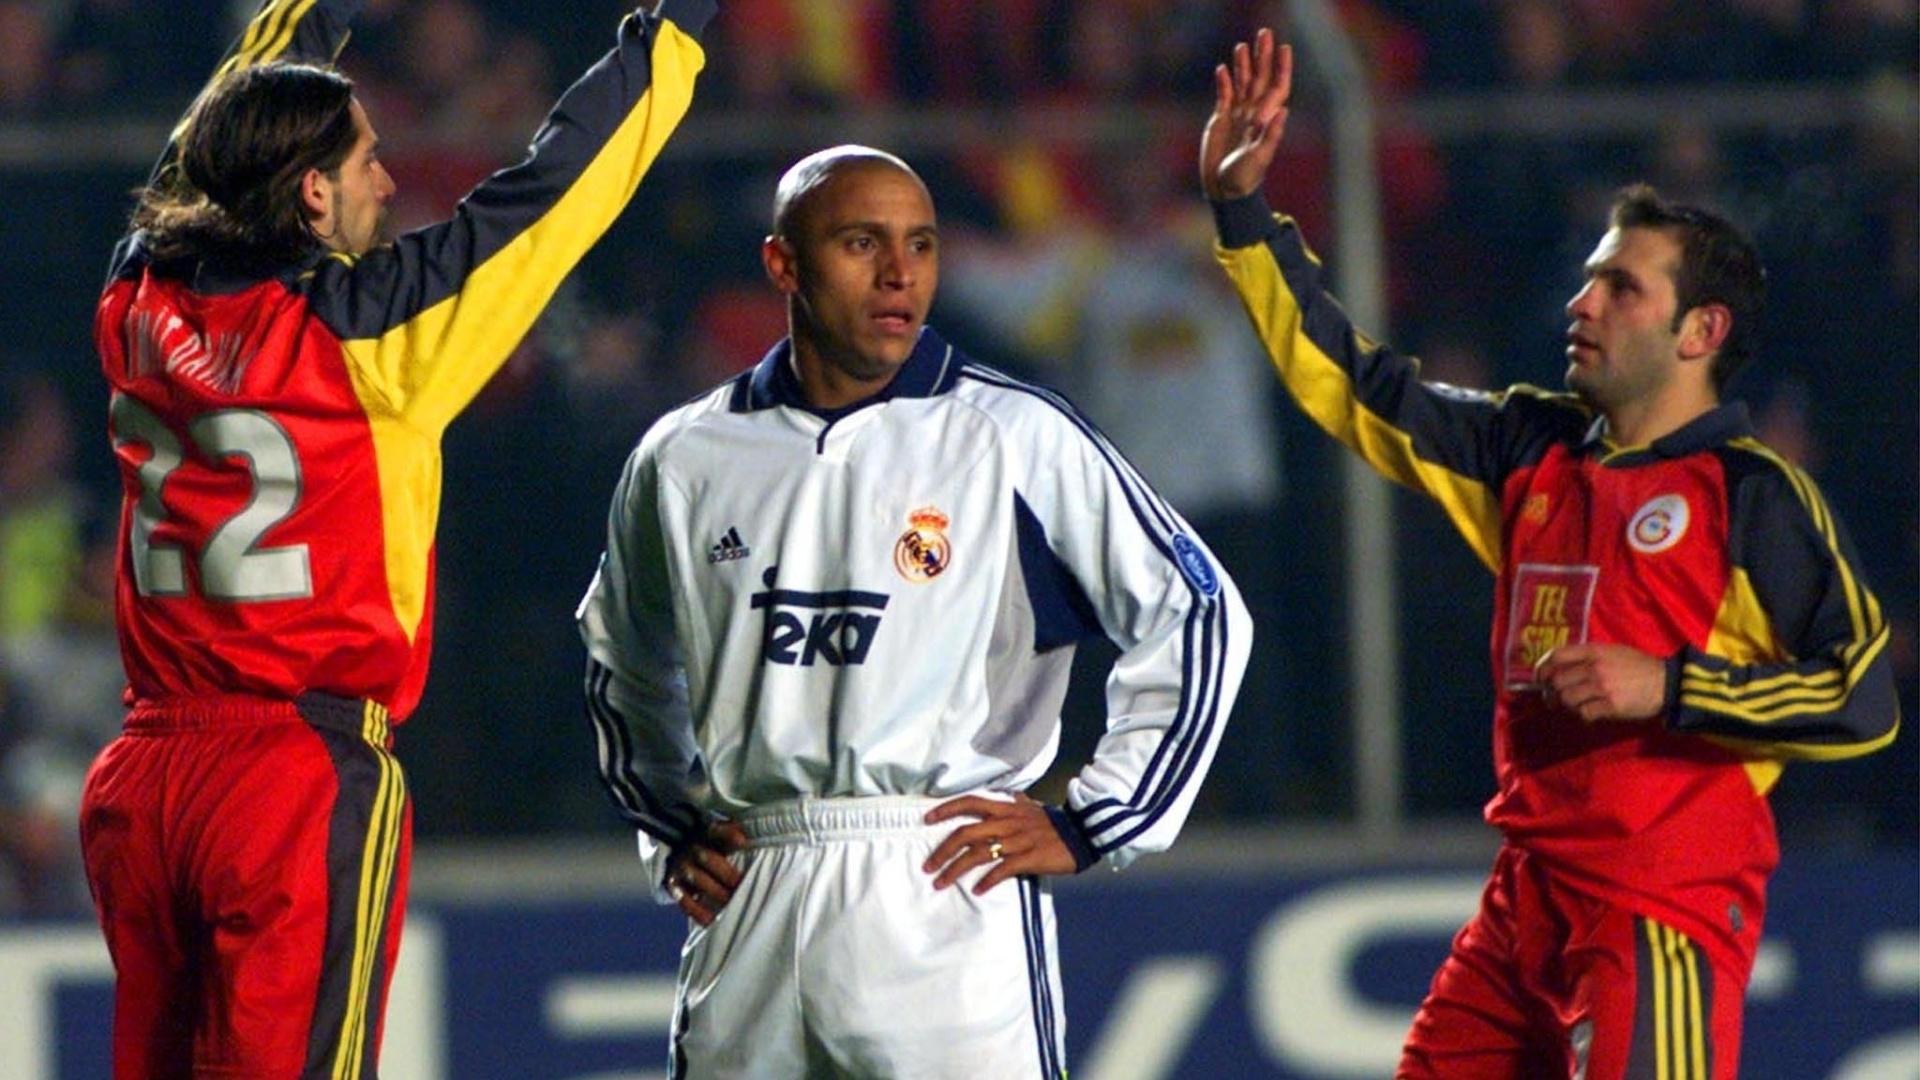 Roberto Carlos, lateral do Real Madrid, lamenta enquanto Davala e Buruk comemoram um gol do Galatasaray pela LIga dos Campeões 2000/01